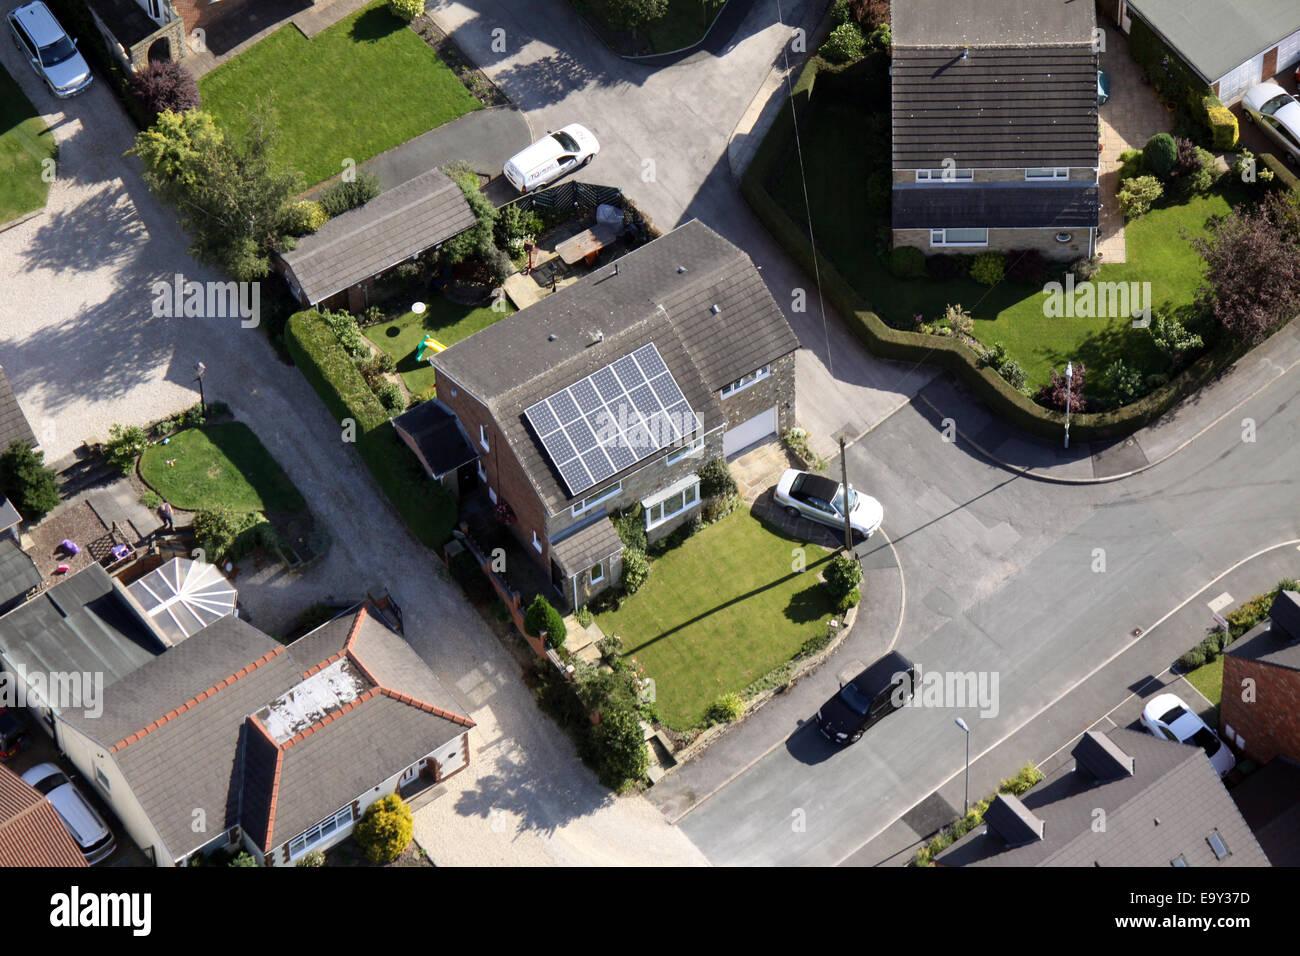 Vue aérienne d'une maison avec des panneaux solaires sur le toit, UK Photo Stock